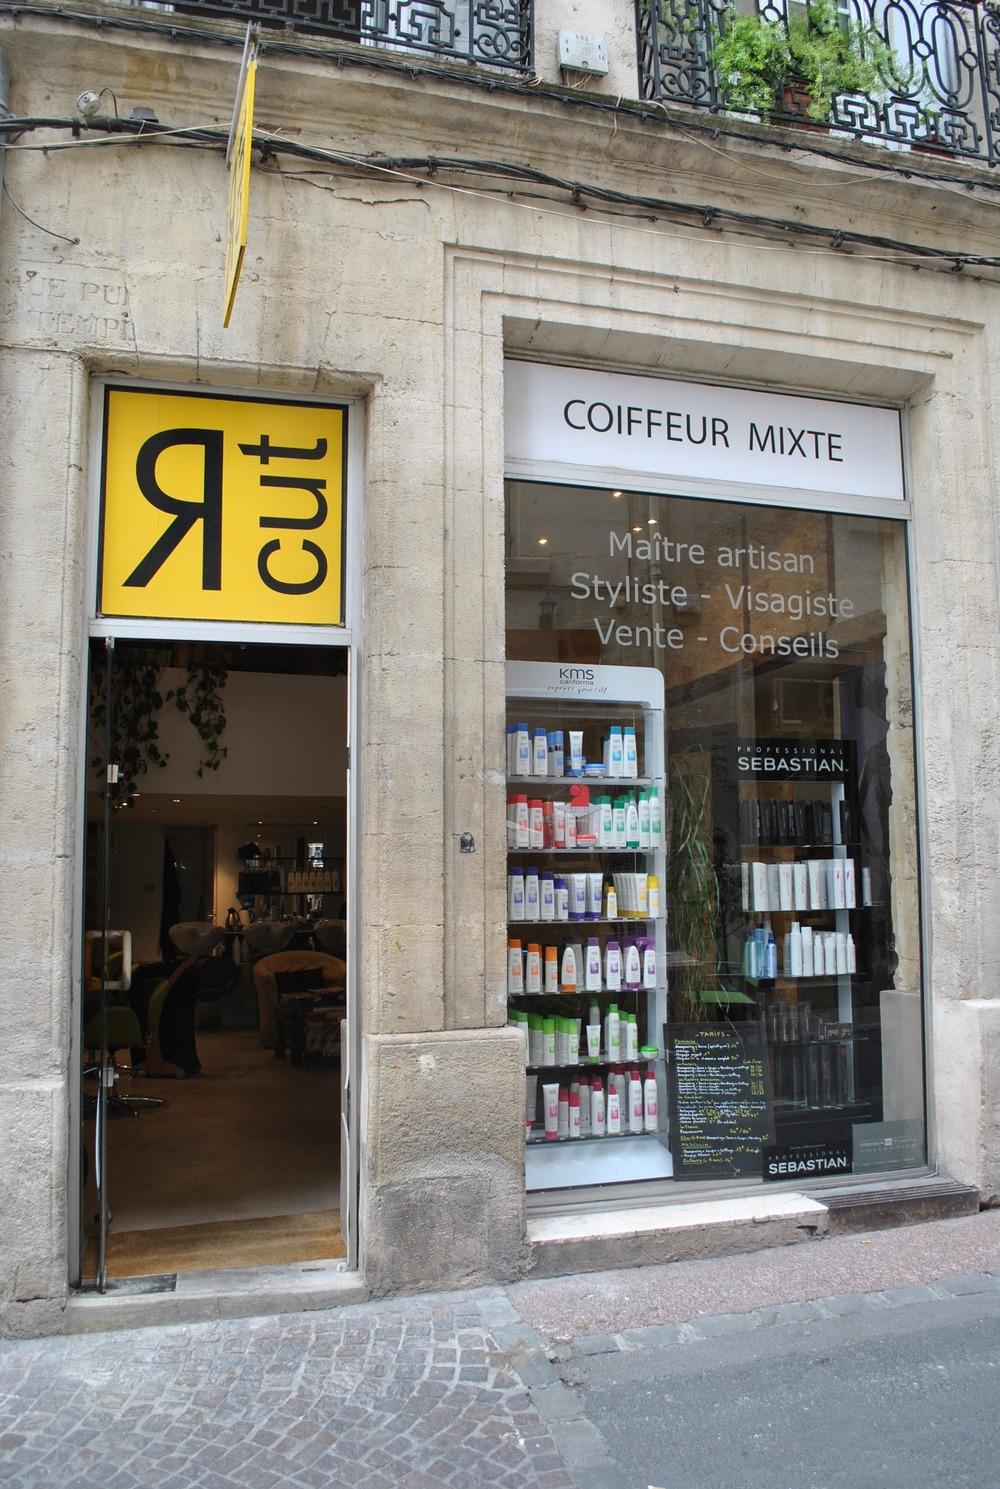 rcut_coiffeur_mixte__montpellier_34000 - Meilleur Coloriste Montpellier